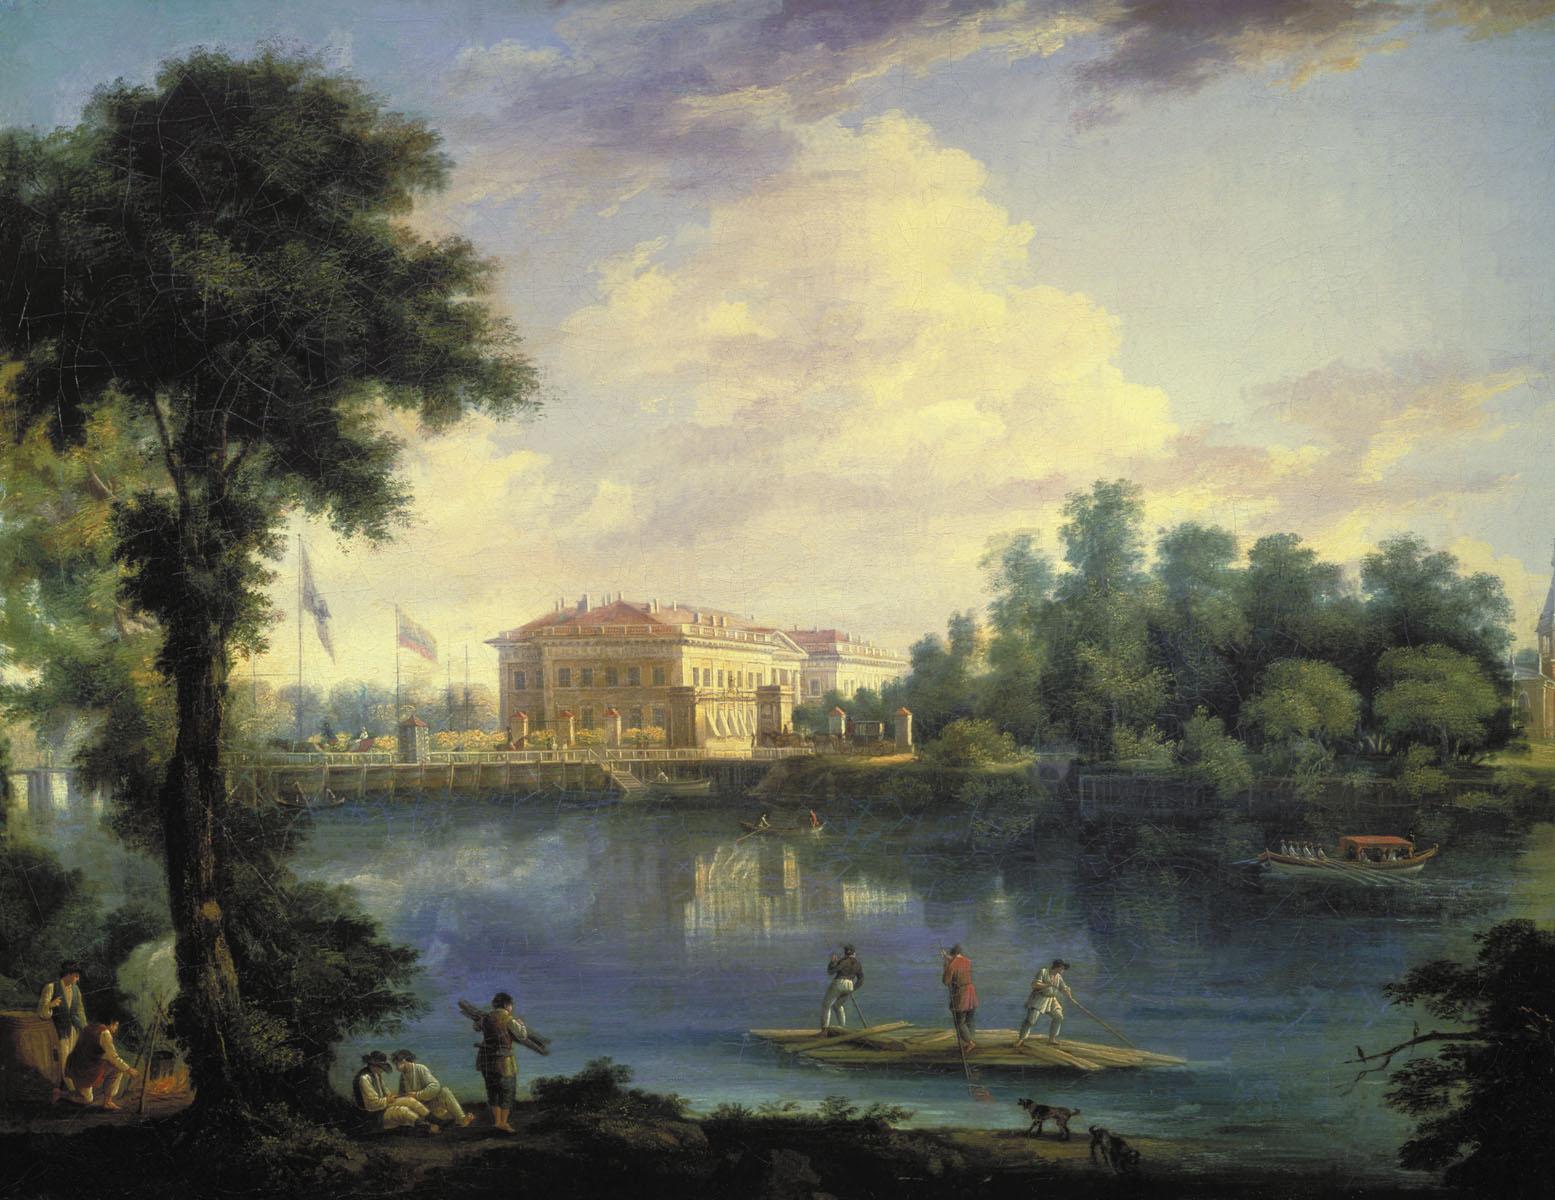 Семён Щедрин. Вид на Каменноостровский дворец и плашкоутный мост через Большую Невку со стороны Строгановской набережной.